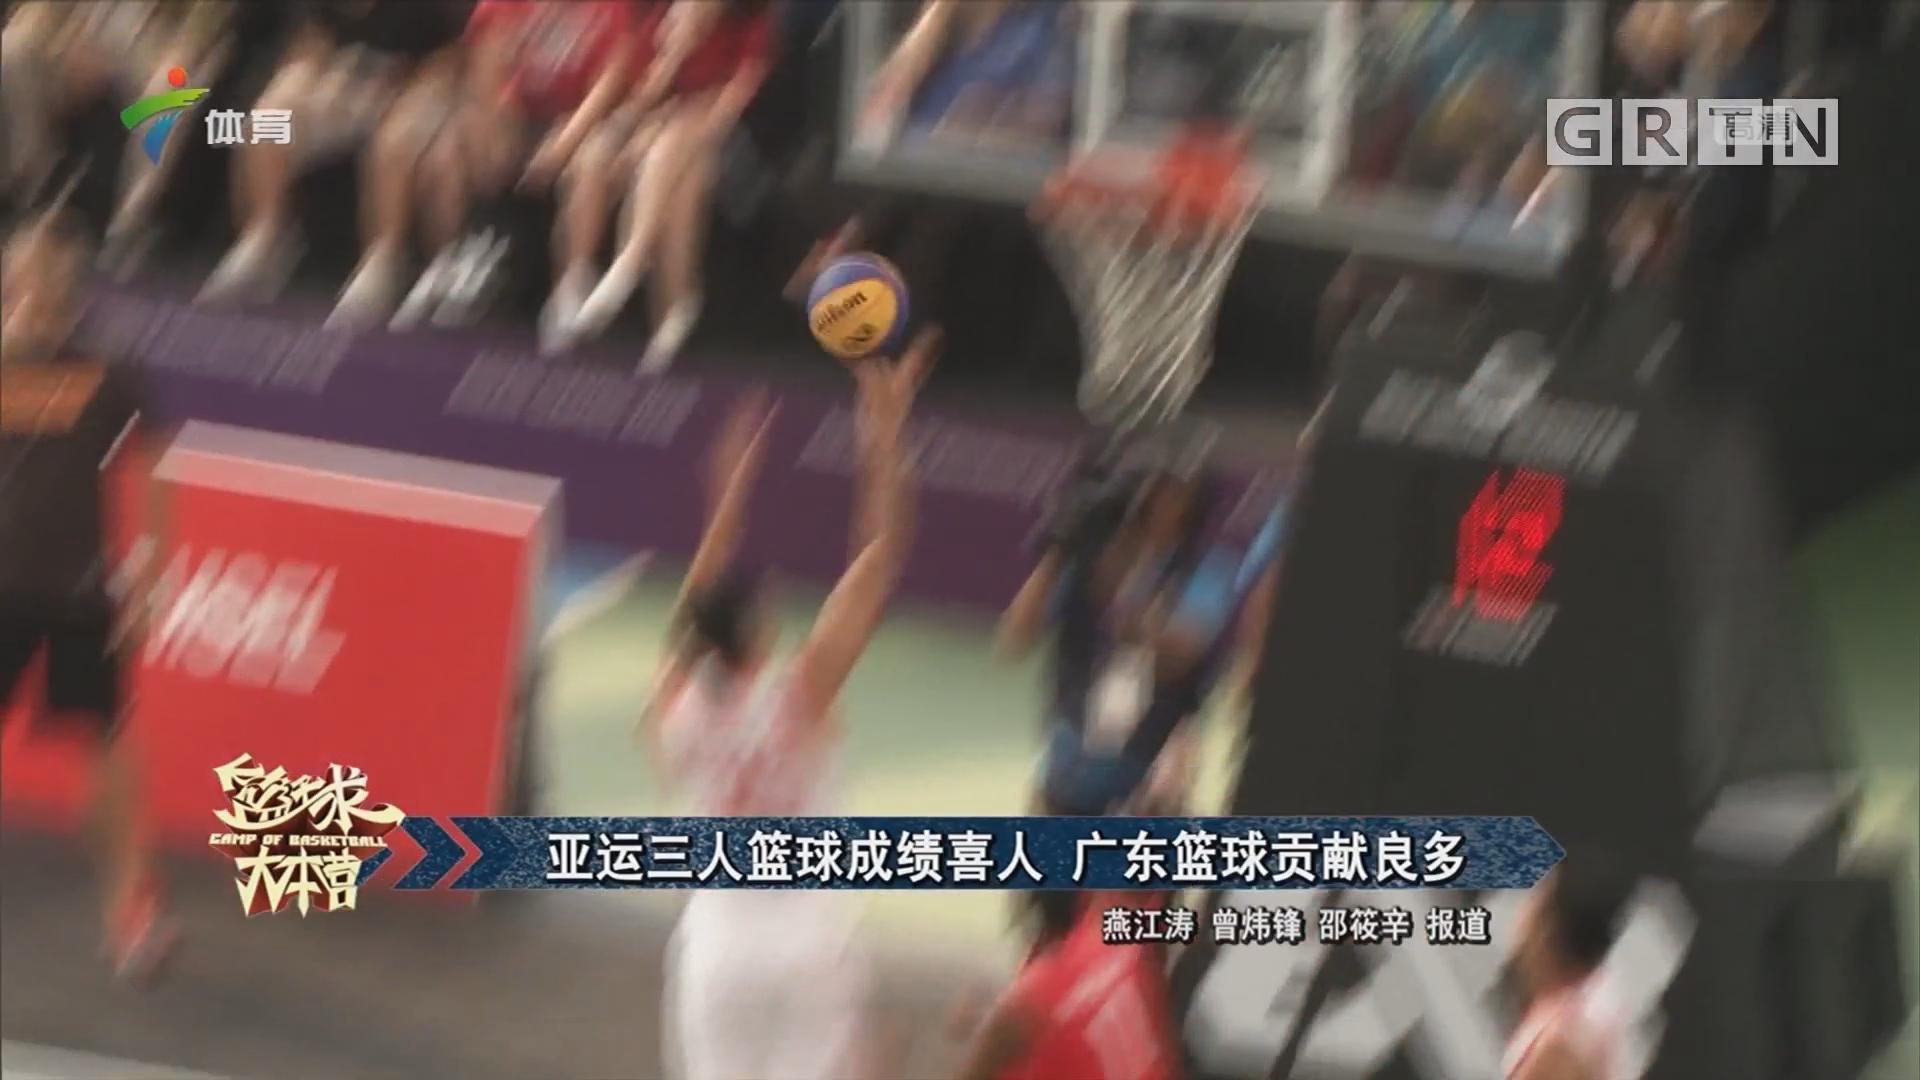 亚运三人篮球成绩喜人 广东篮球贡献良多